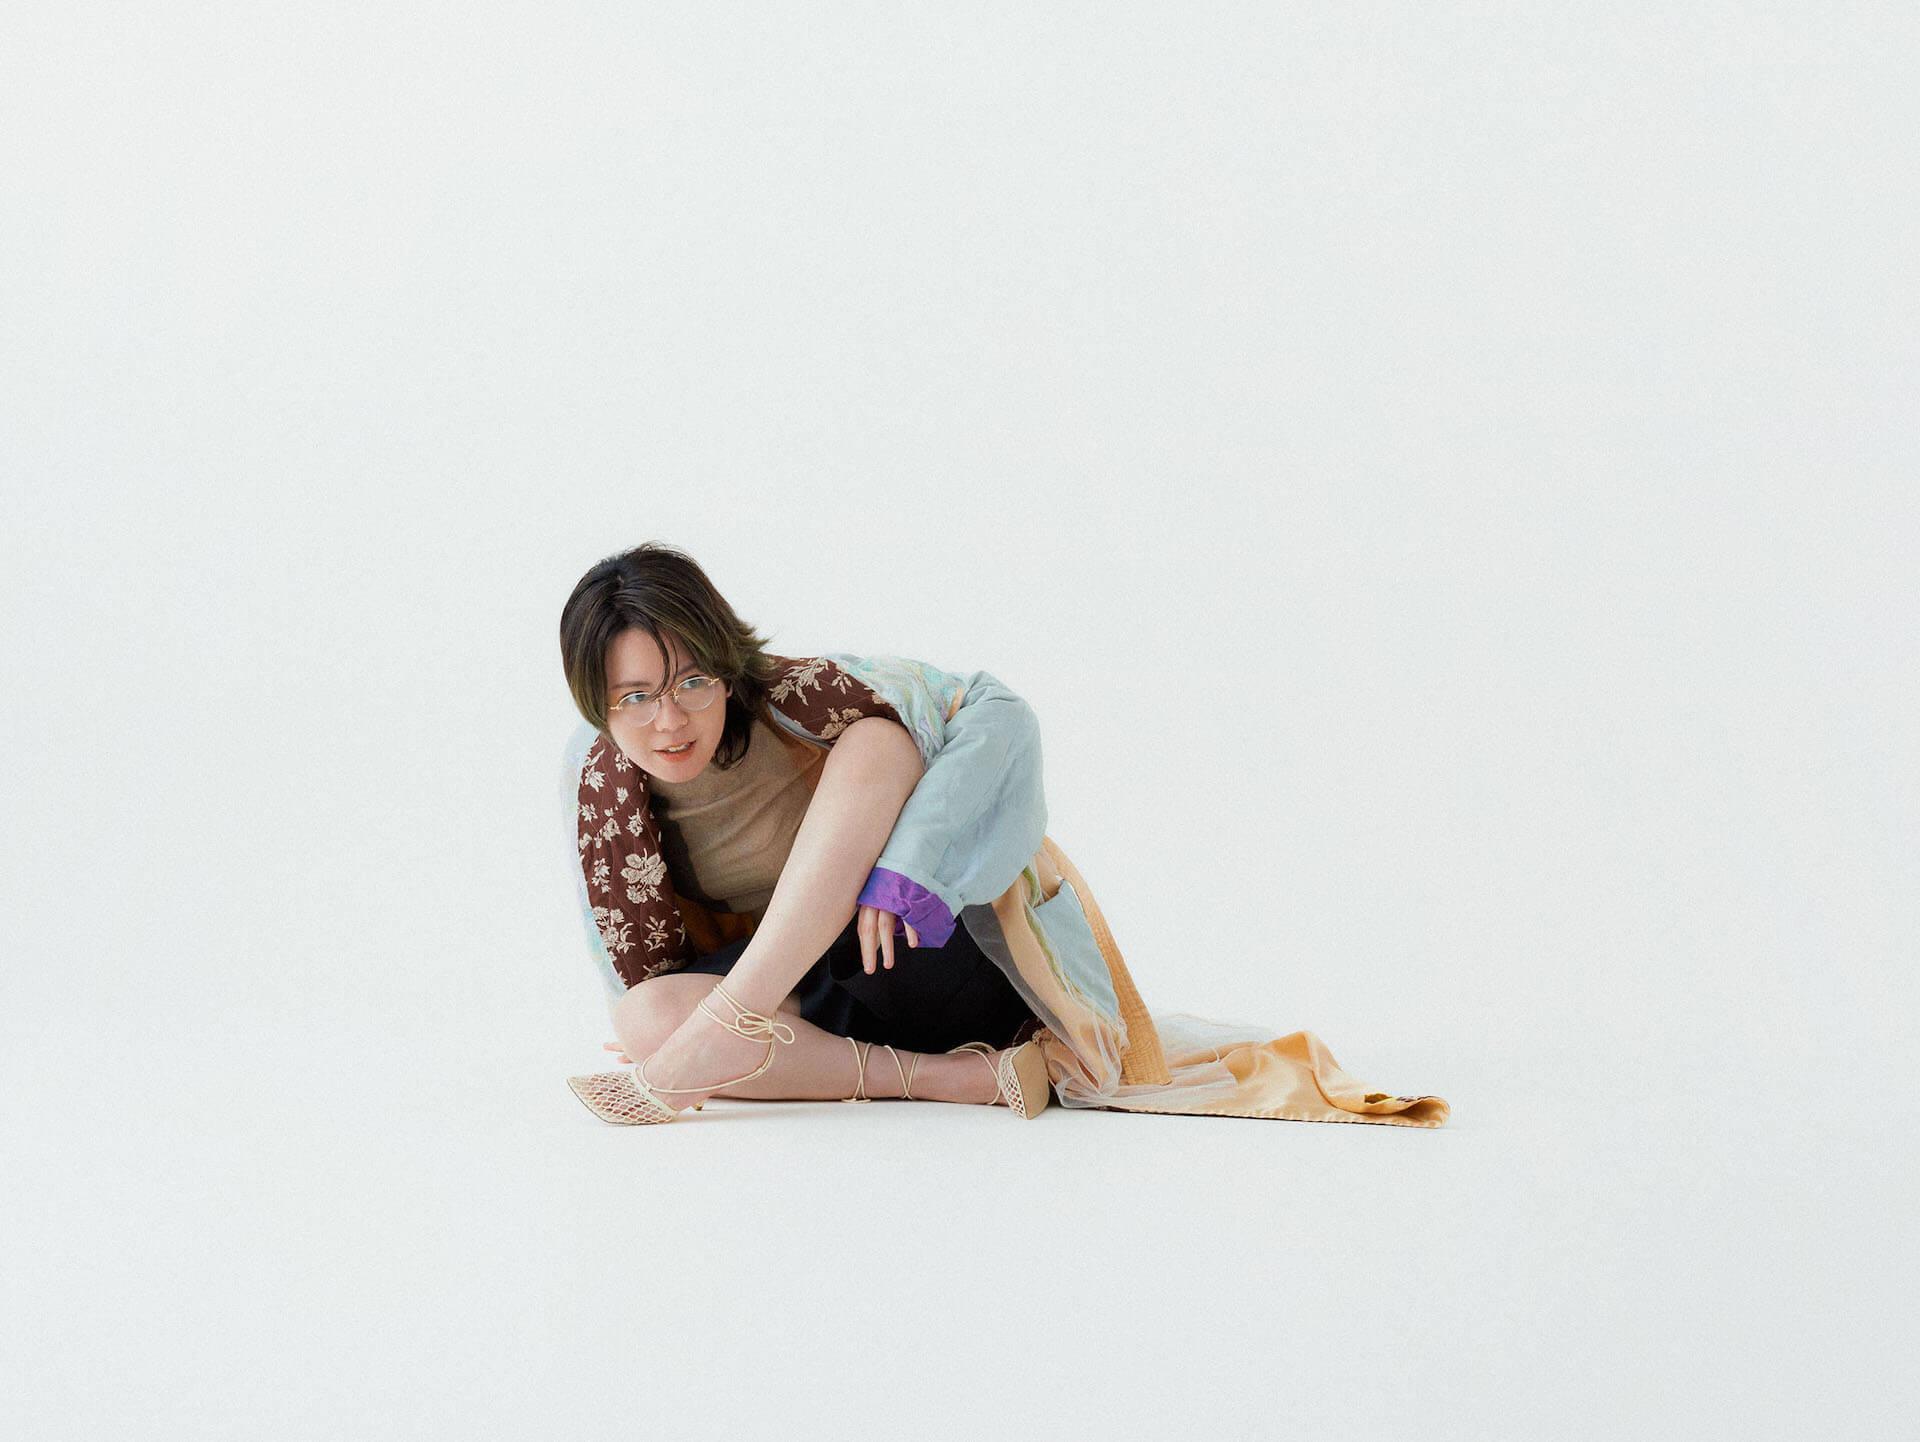 """『竜とそばかすの姫』主演でも話題の中村佳穂が初の全国ツアーから""""そのいのち""""のライブ映像を公開! music210830_nakamurakaho_1"""